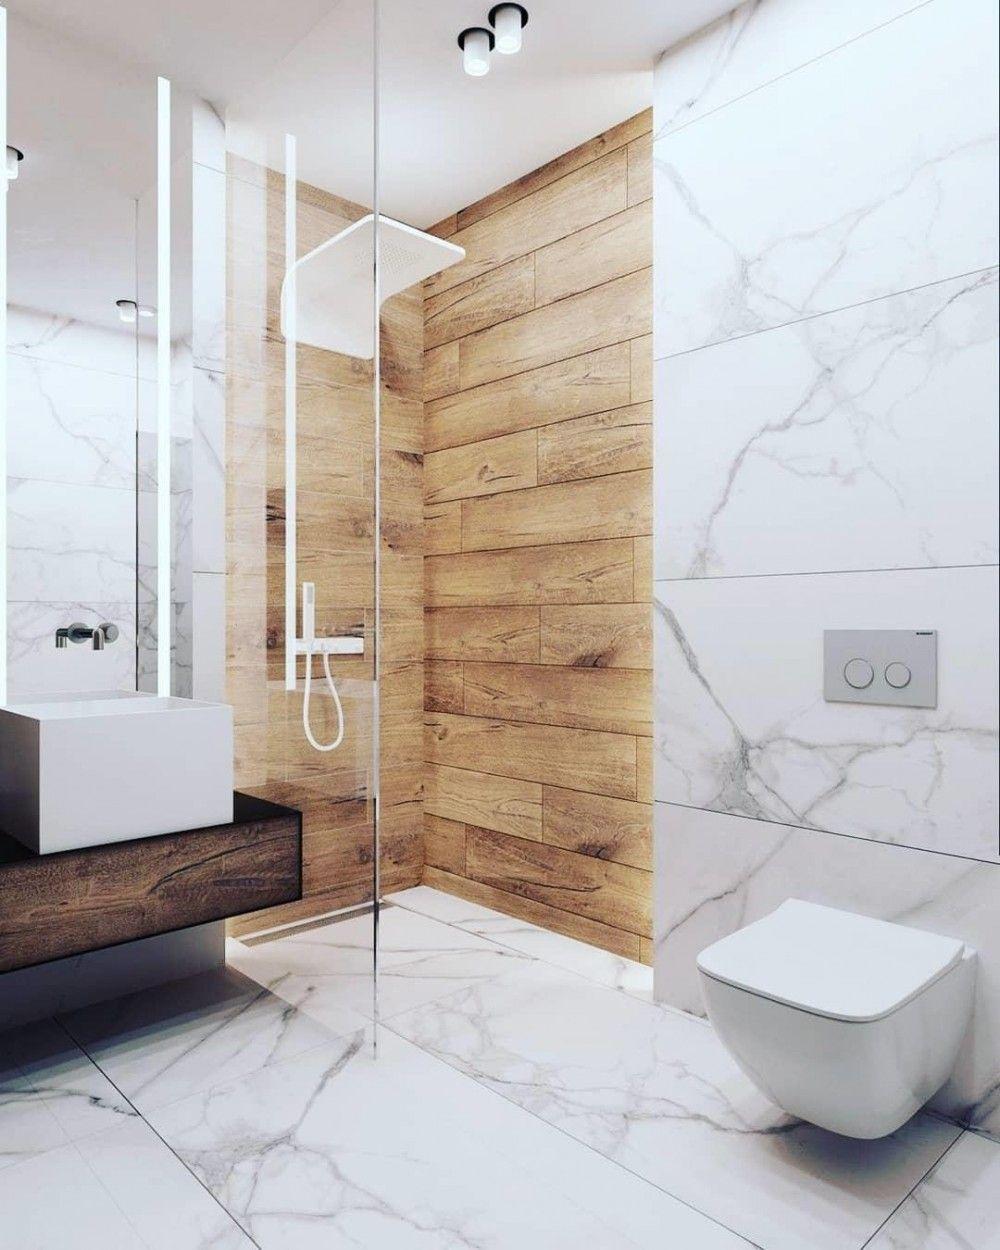 Einzigartige Geflieste Badezimmer 21 Zeitgenossische Und Moderne Badezimmerfliesen Badezimmer Fliesen Badezimmerfliesen Badezimmer